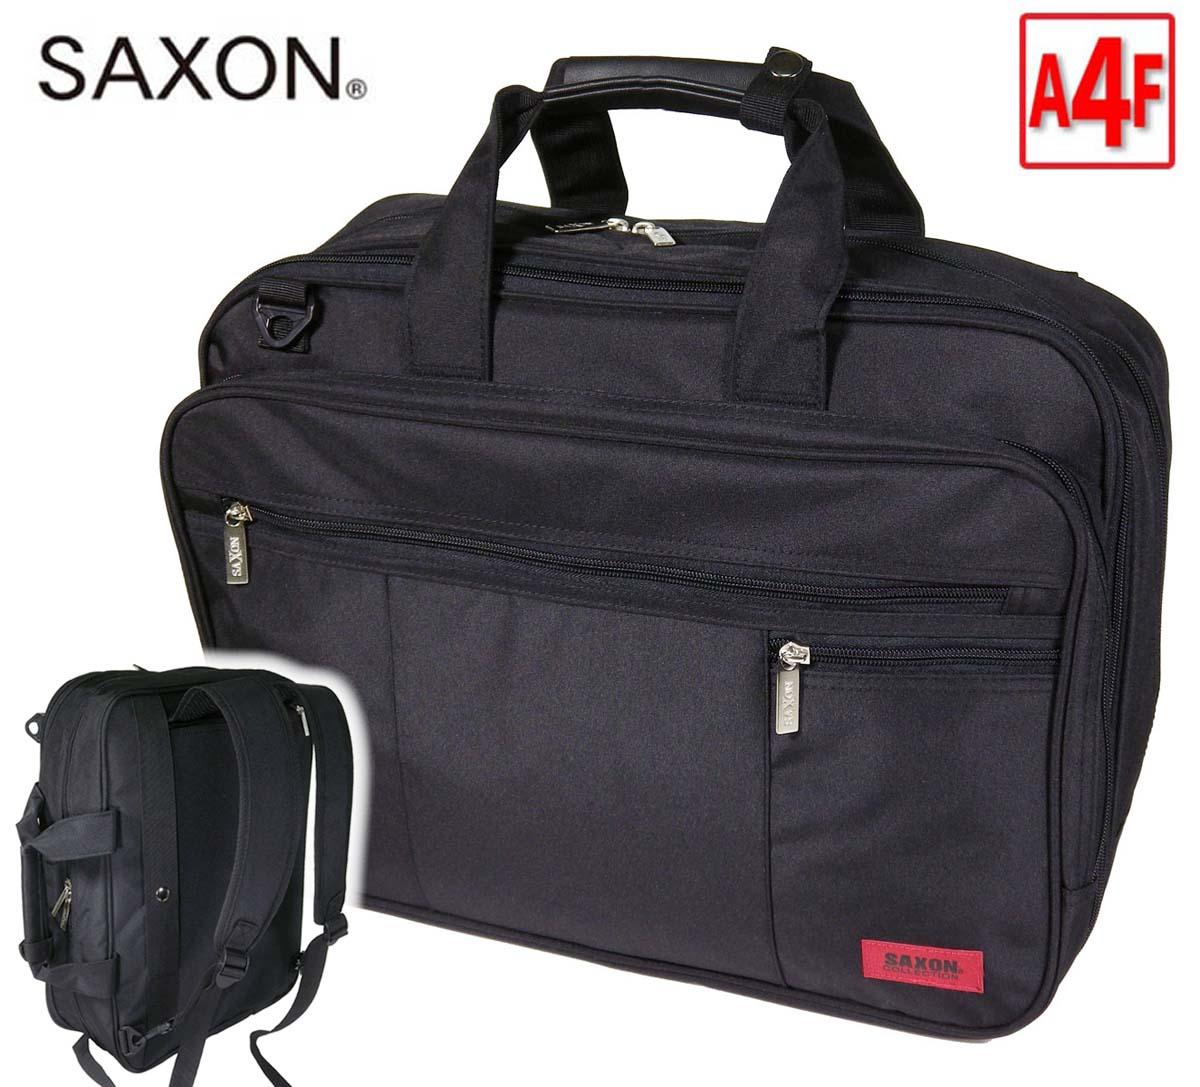 ビジネスバッグ SAXON サクソン 5173 縦型 3Way ノートPC対応 エクスパンダブル 機能 キャリーバーベルト マイクロファイバー 軽量 撥水 ビジネスバッグ 通勤 通学 就活